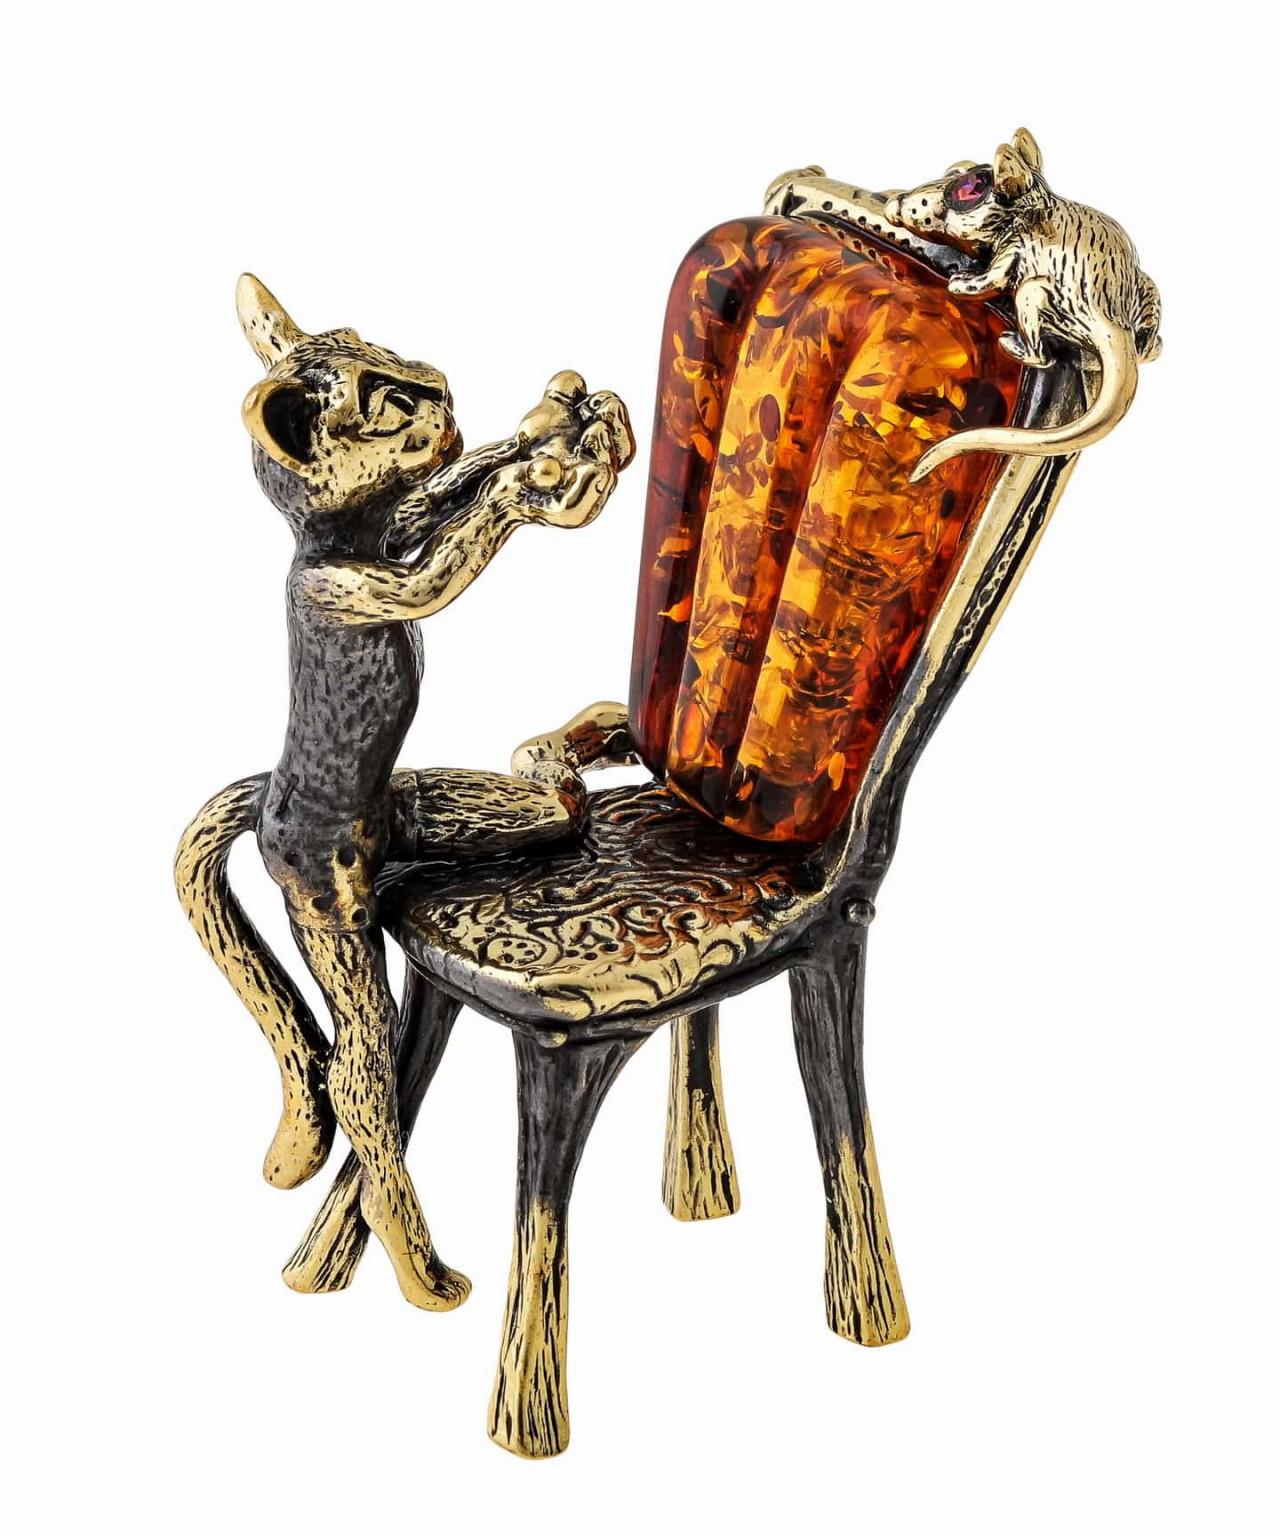 Кот на стуле ловит мышку 1442